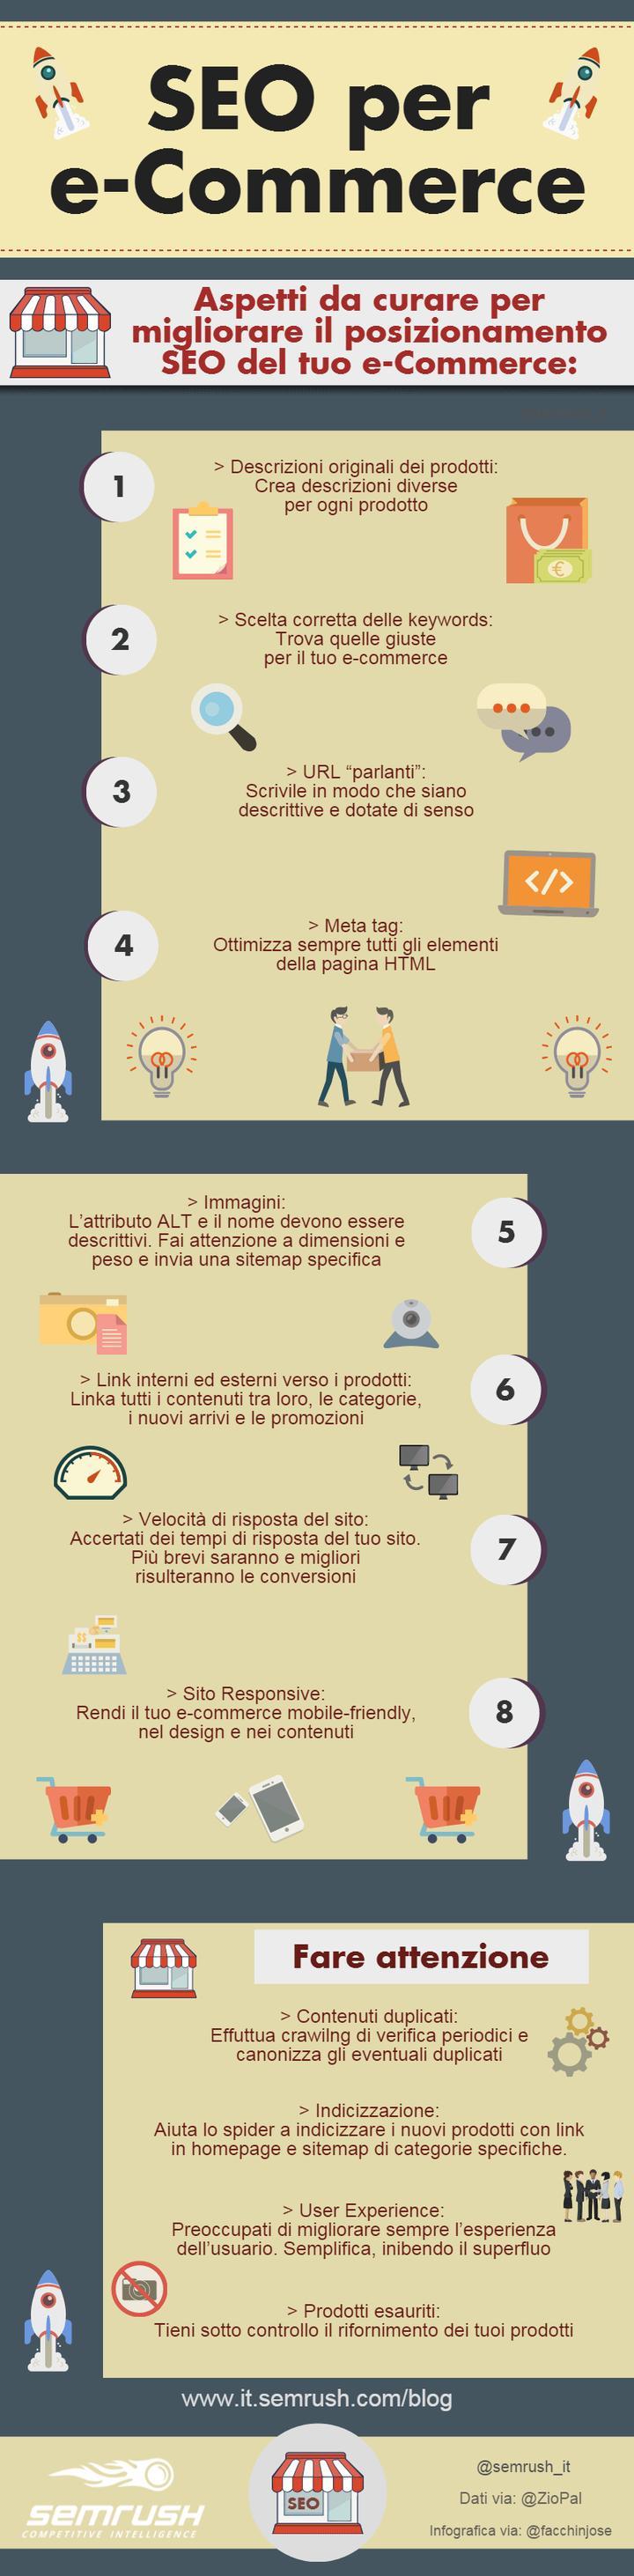 SEO per e-commerce: infografica